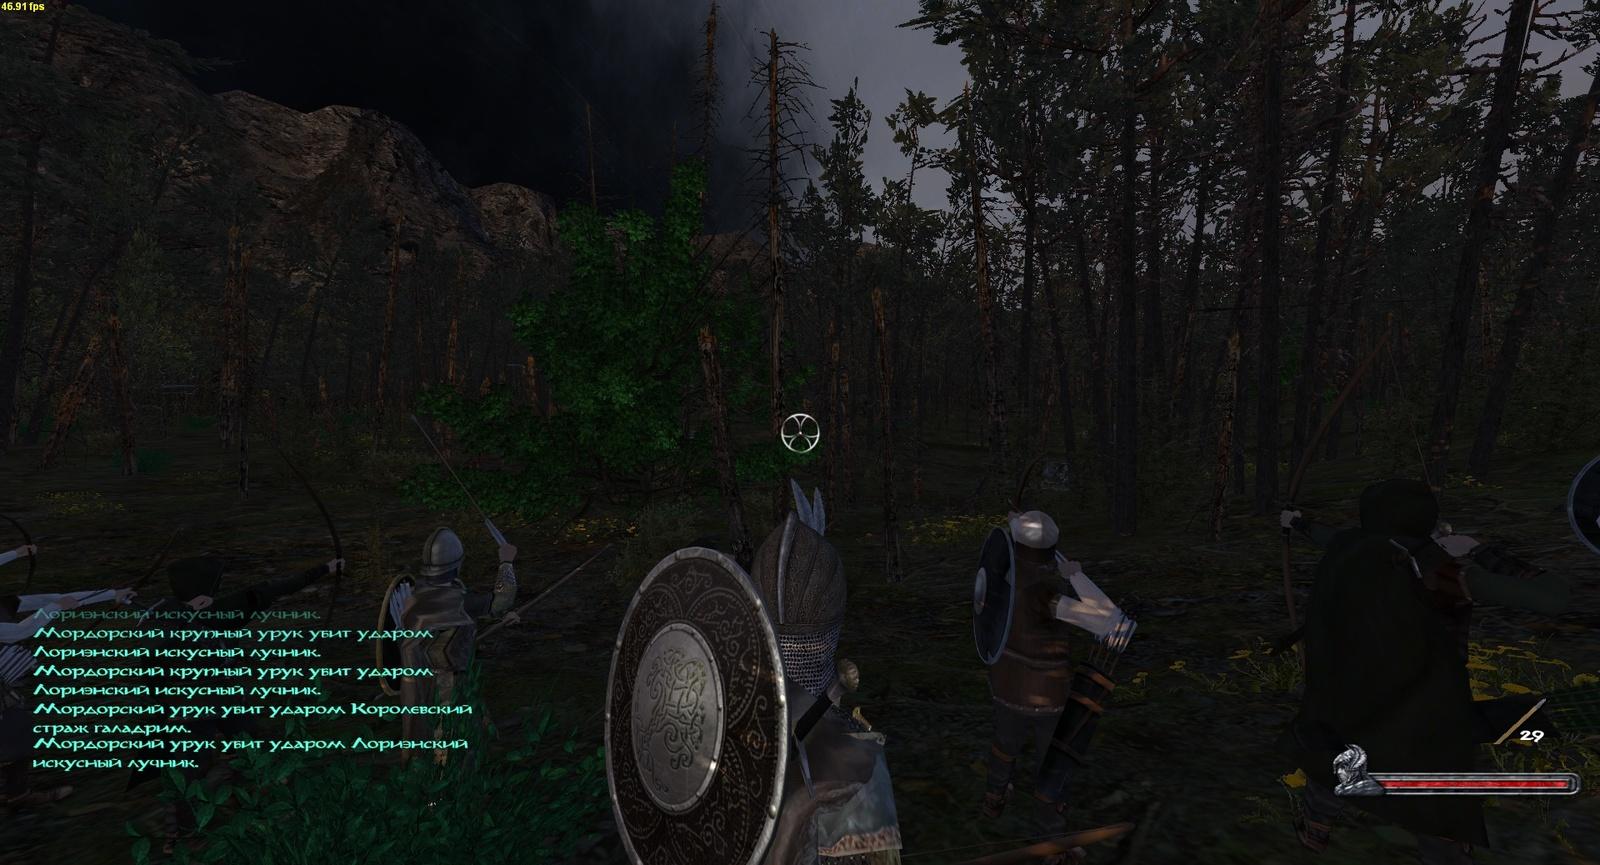 Моды на огнем и мечом властелин колец игры черепашки ниндзя драки новые